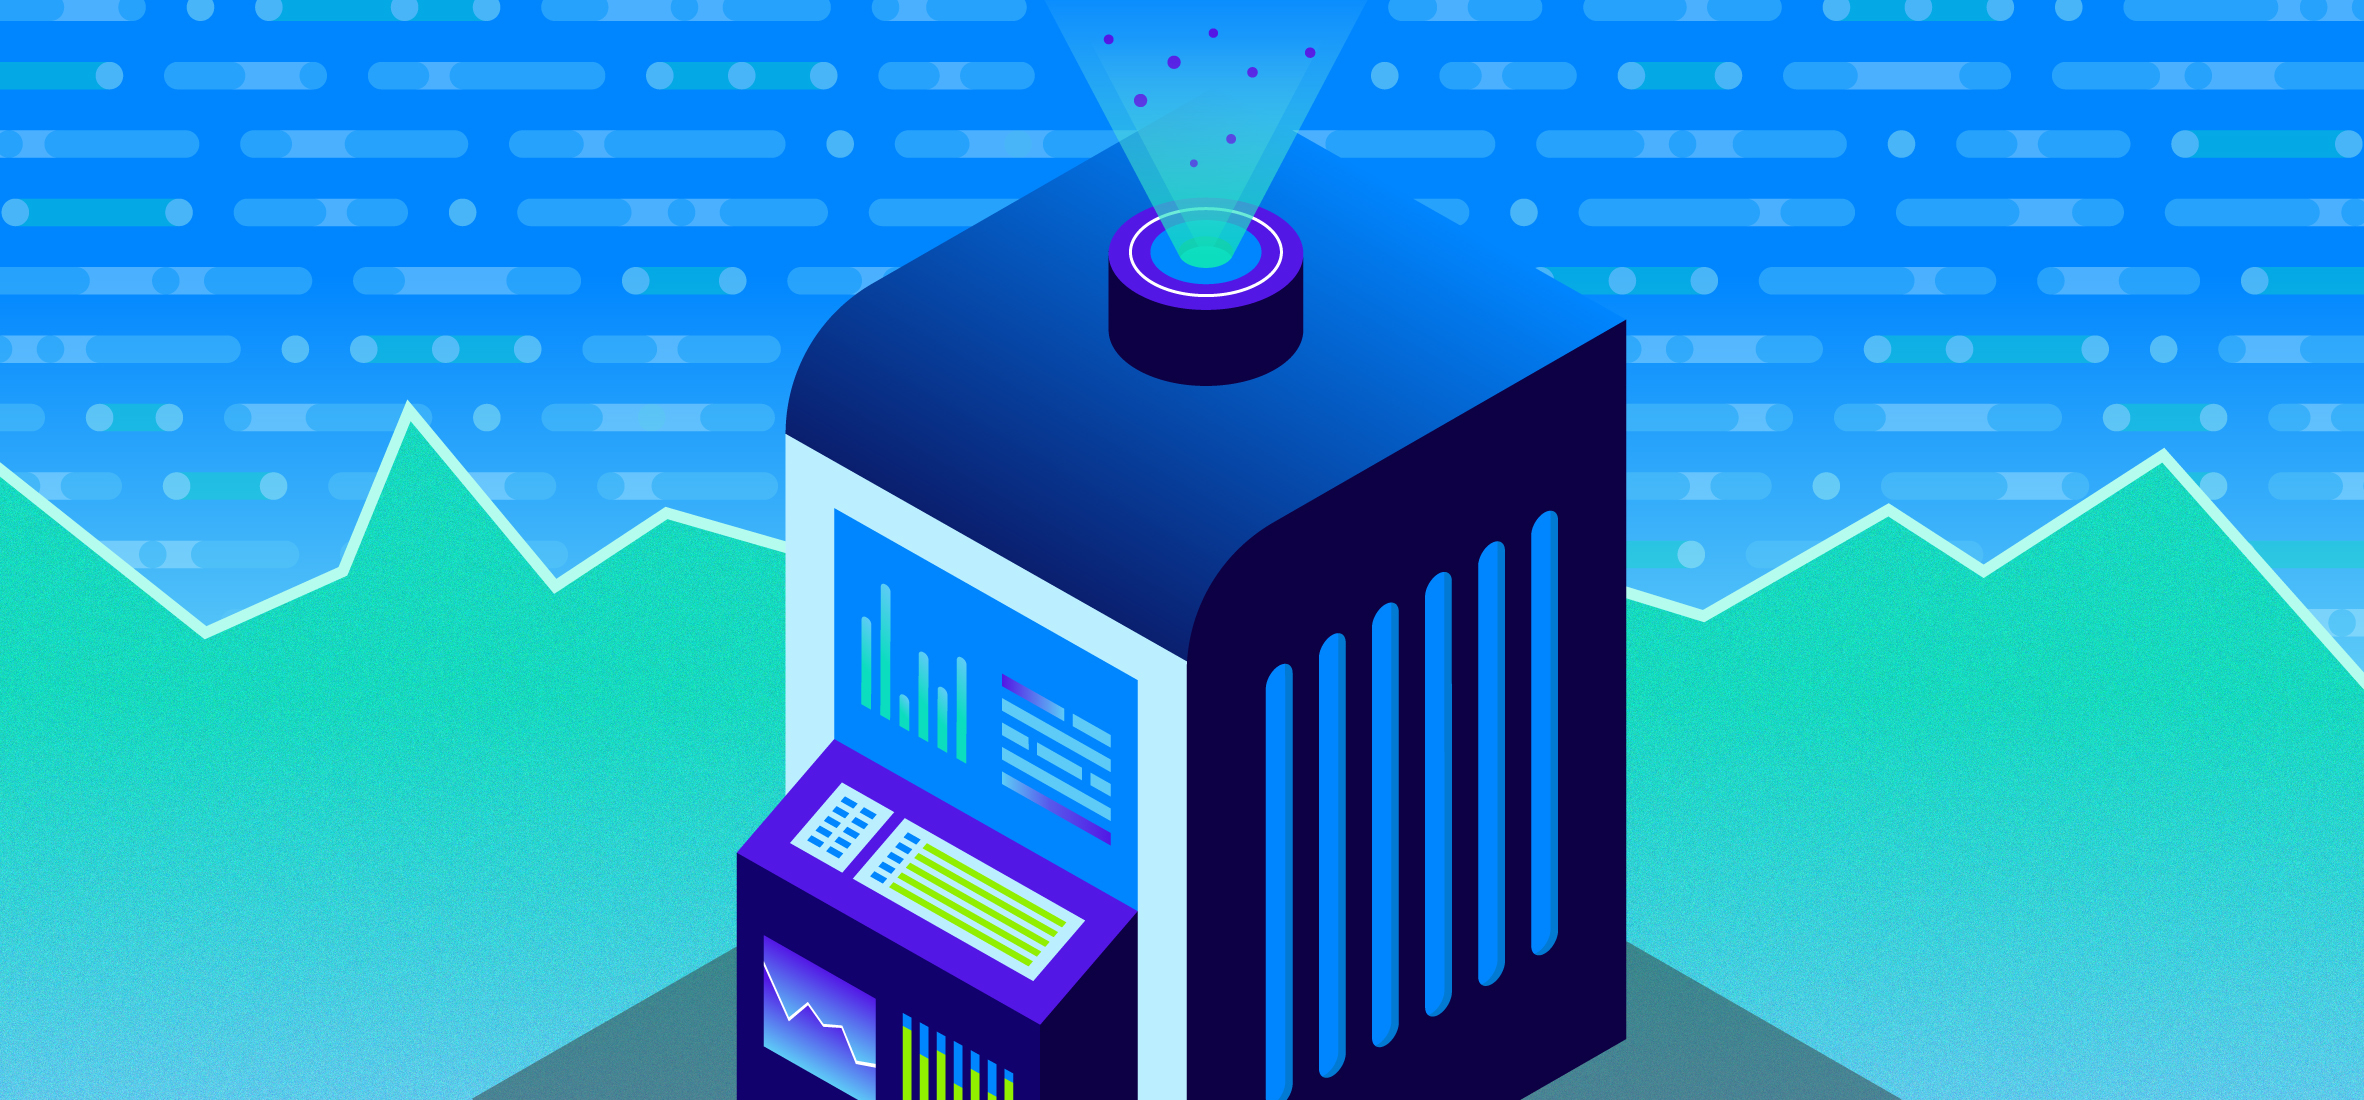 Power Of Data Hero Image